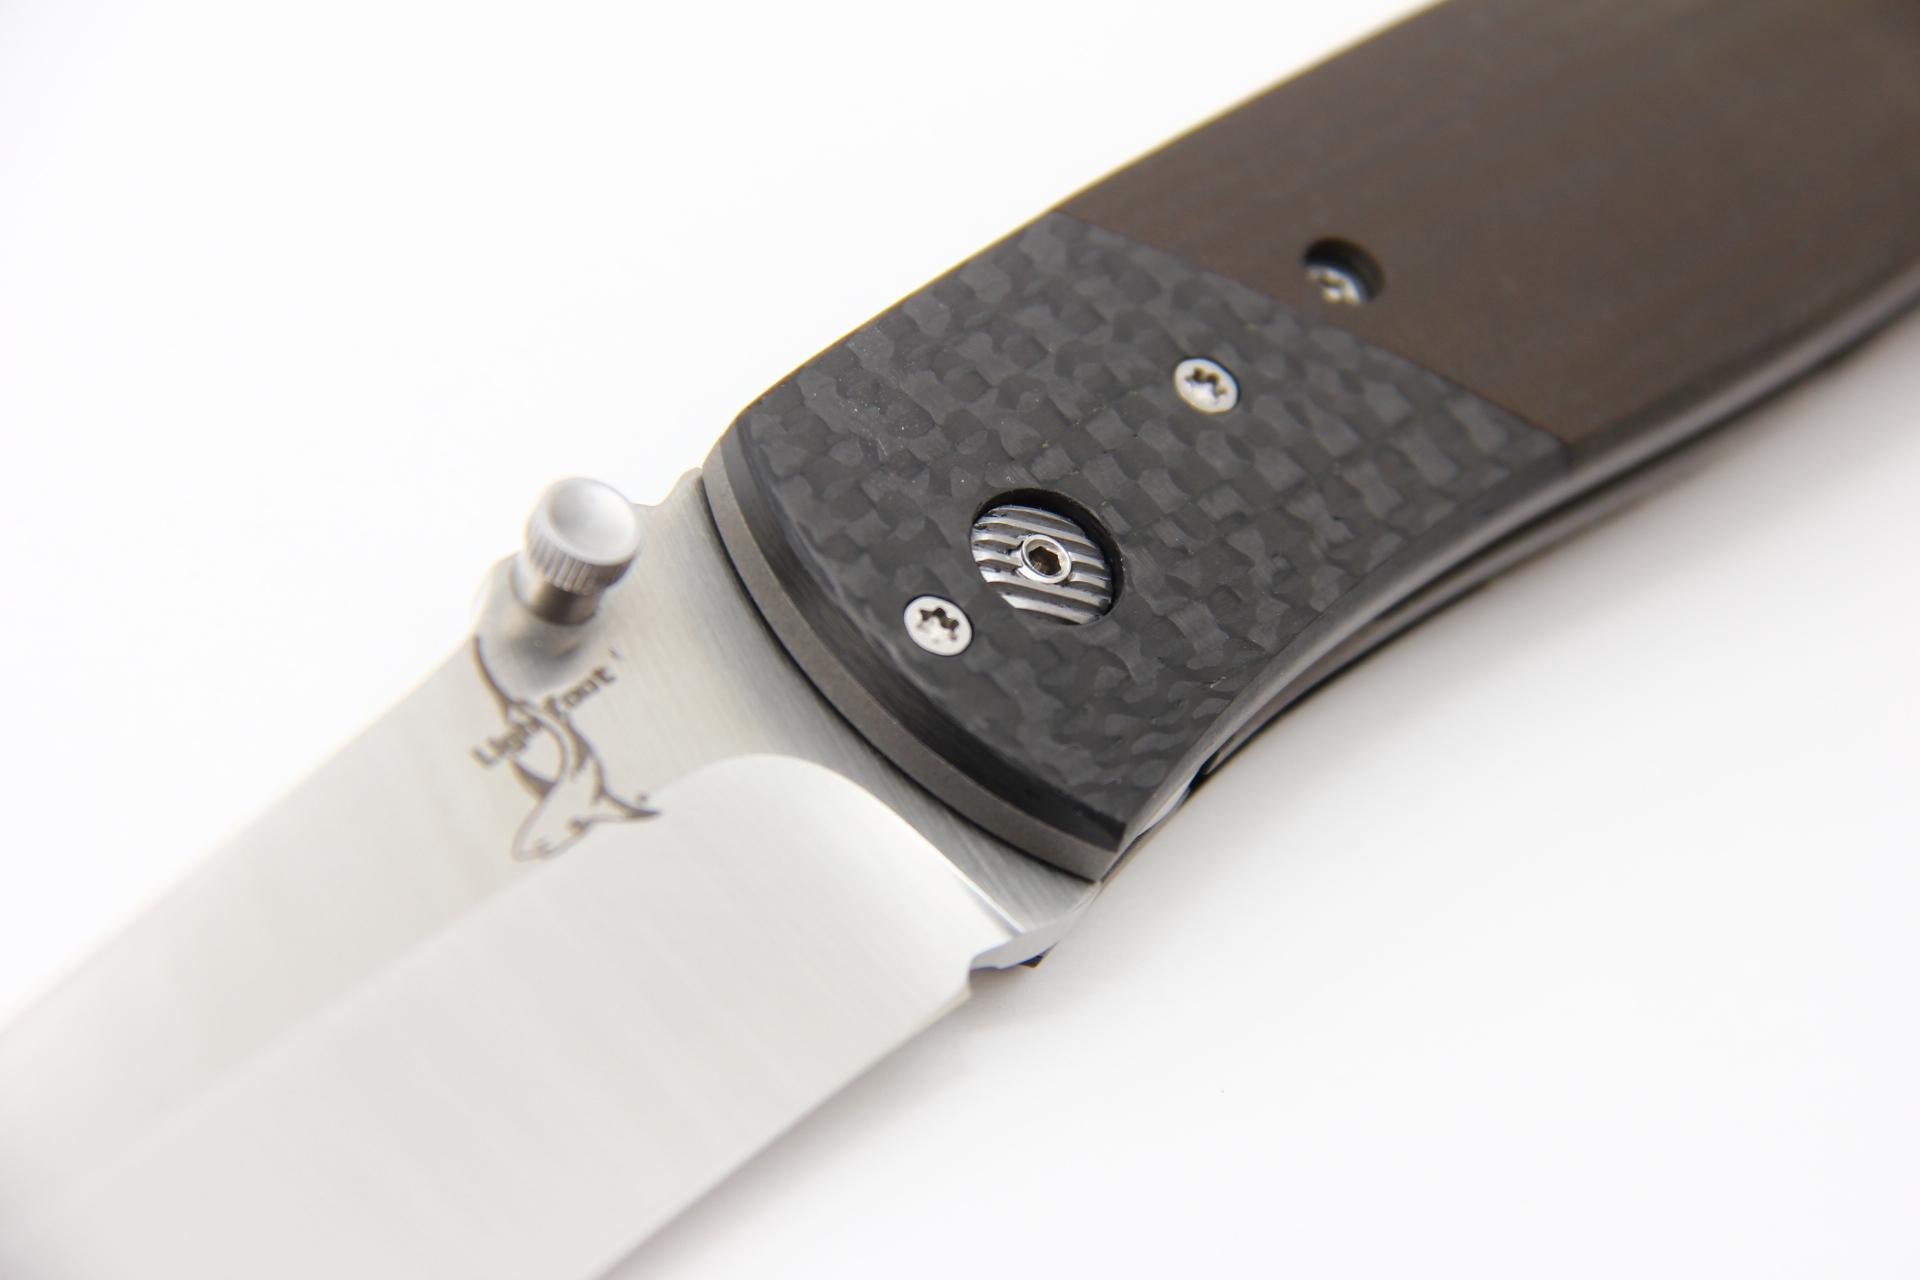 Нож Lightfoot 458 Magnum BG42 карбон Ограниченный выпуск - фотография